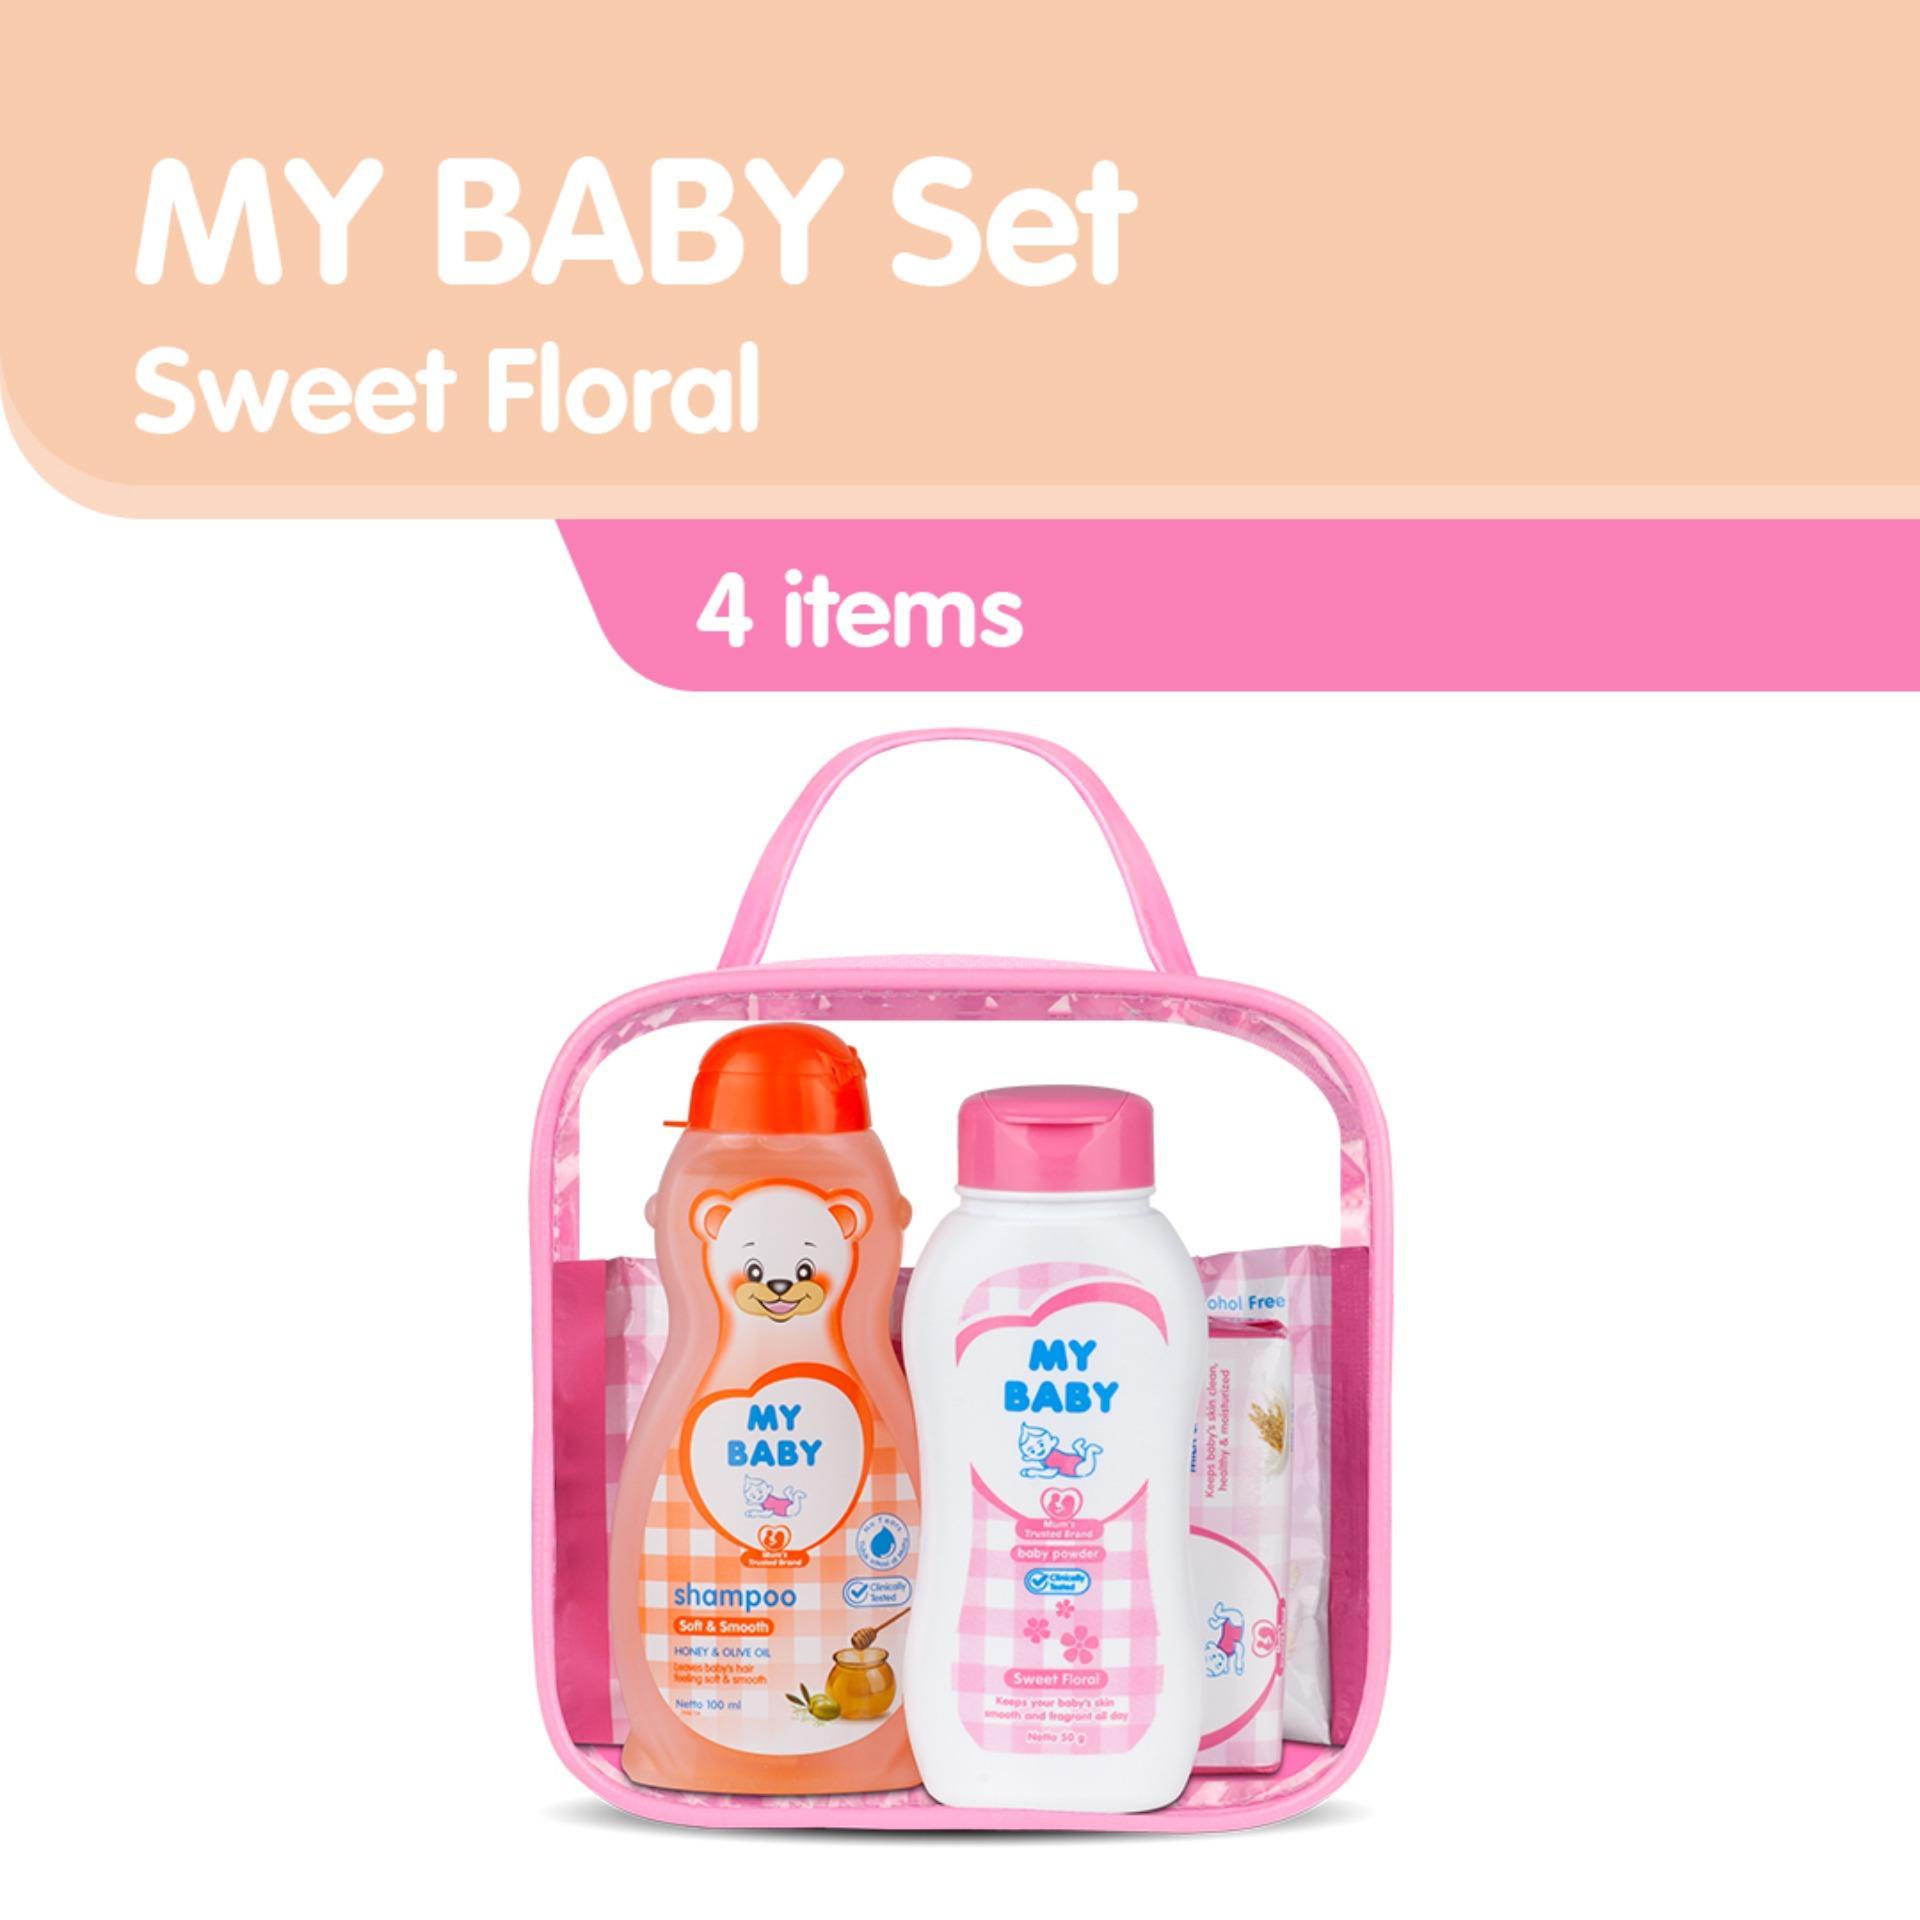 My Baby Set Sweet Floral Perlengkapan Bayi